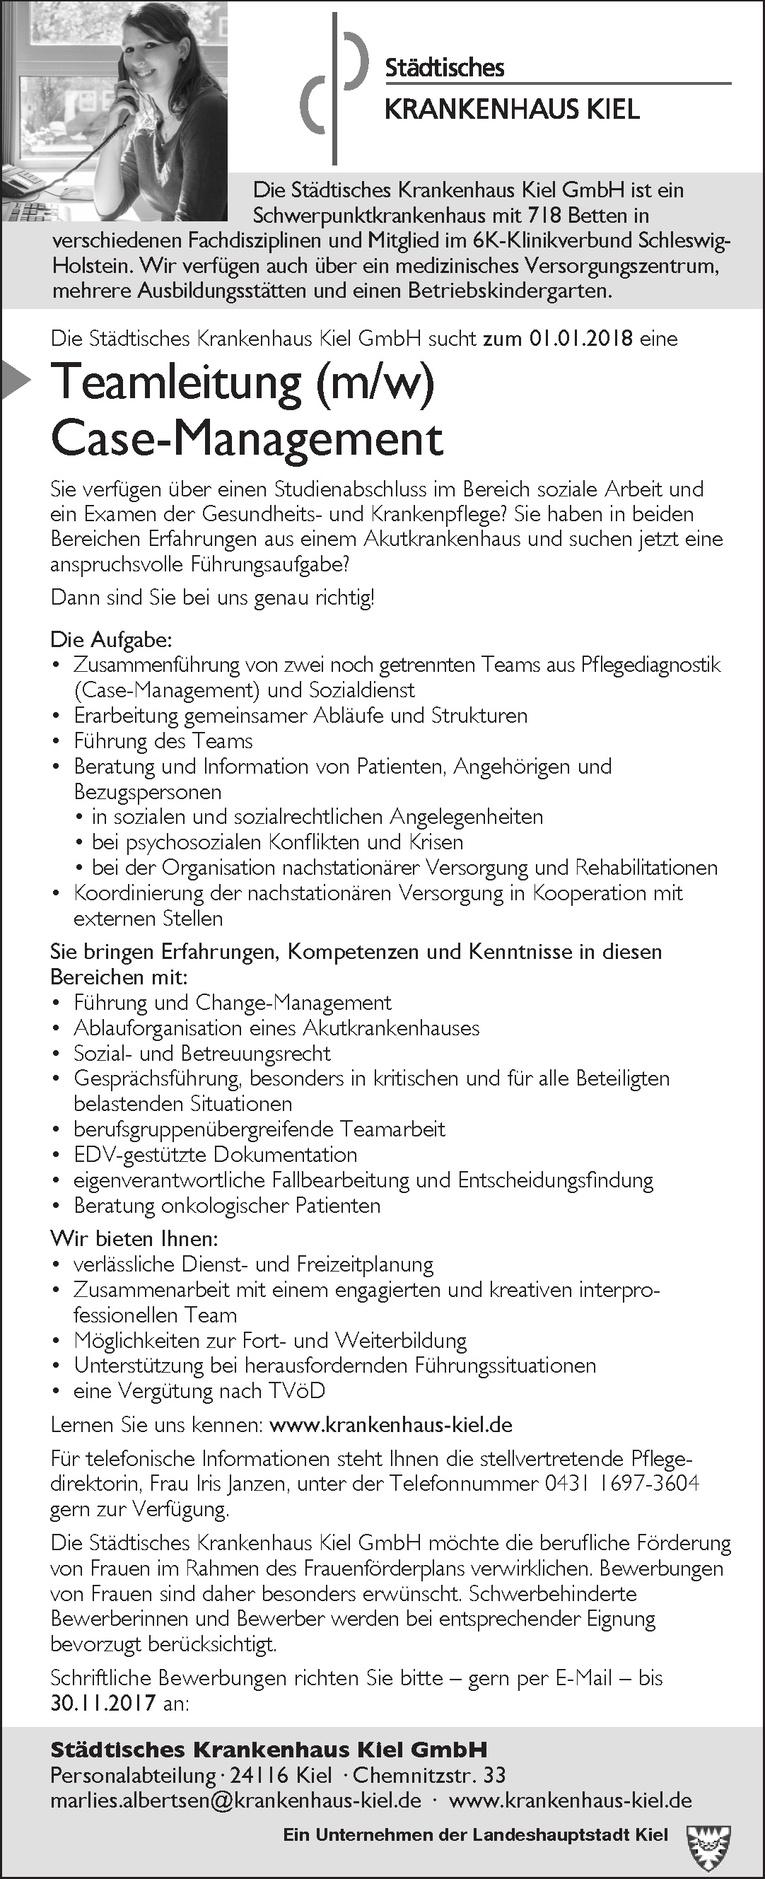 Teamleitung (m/w) Case-Management